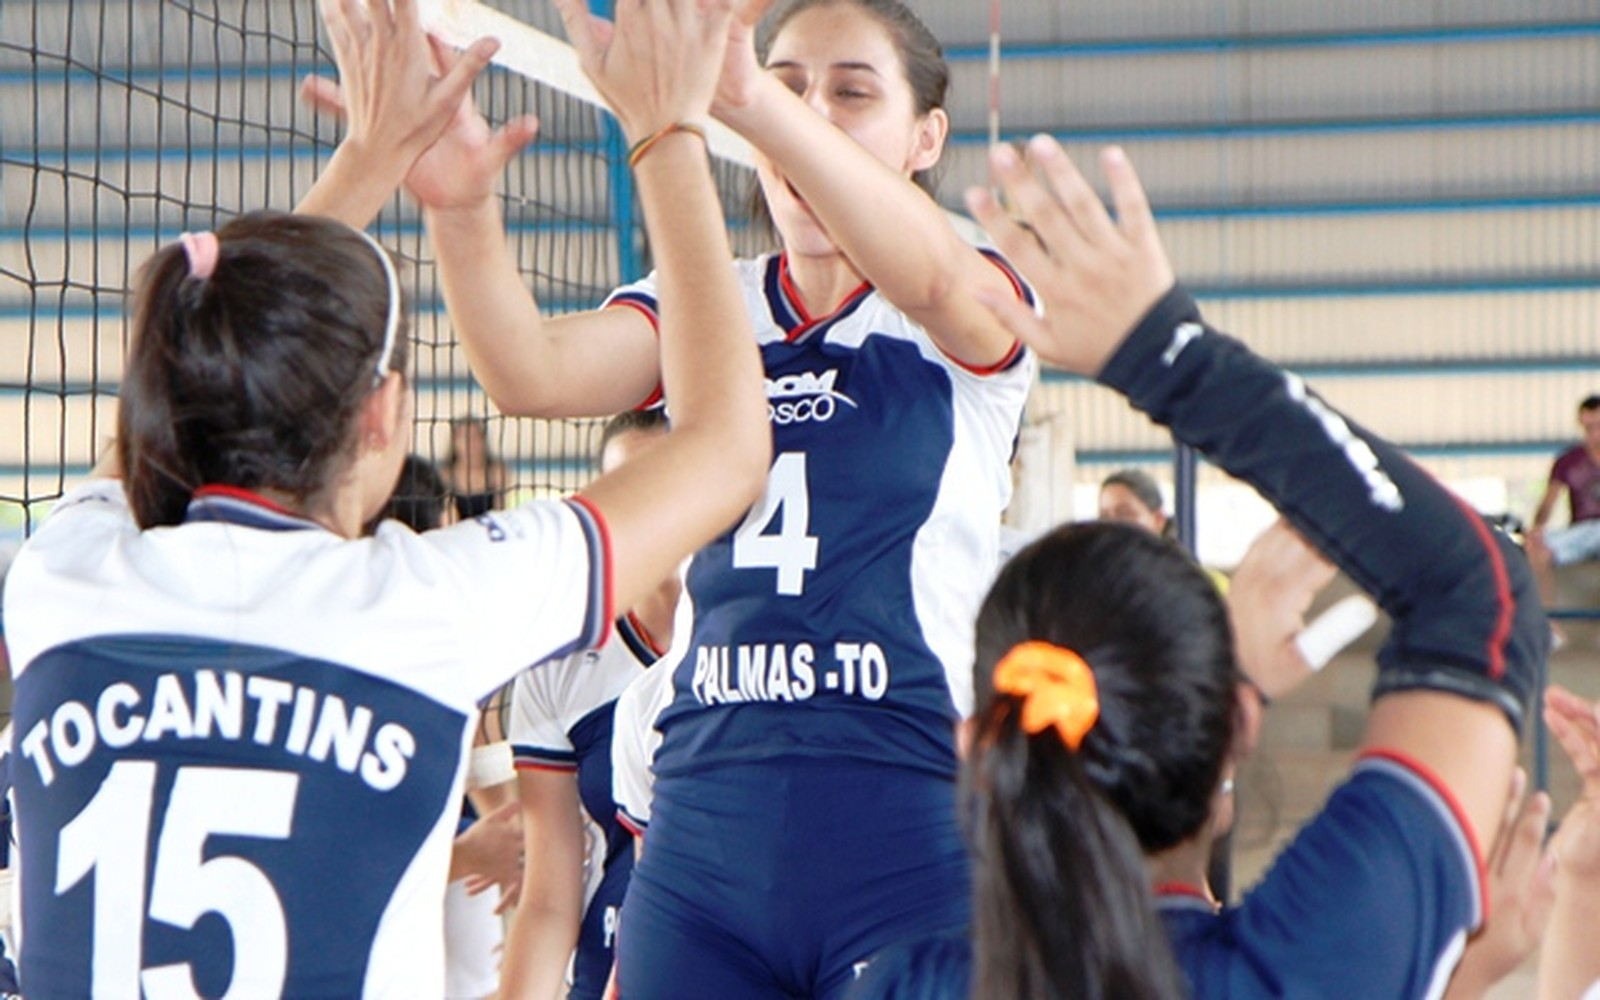 Equipe da 2ª divisão feminina vai representar o Tocantins no Brasileiro de Seleções de Vôlei Sub-16